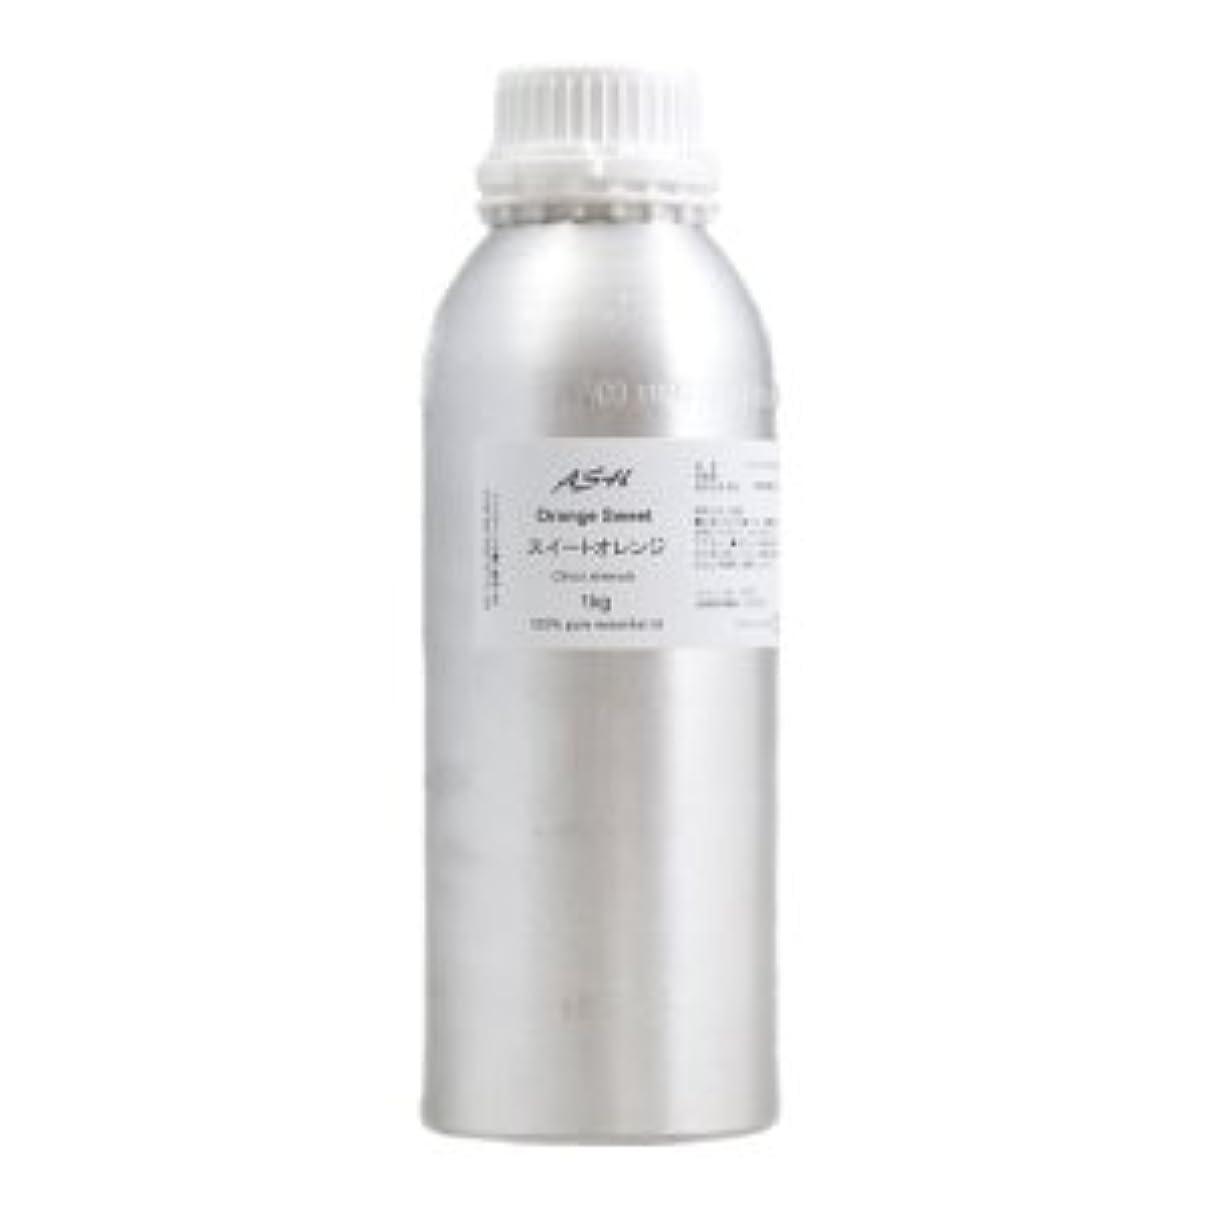 作者妖精パーセントASH スイートオレンジ エッセンシャルオイル 業務用1kg AEAJ表示基準適合認定精油